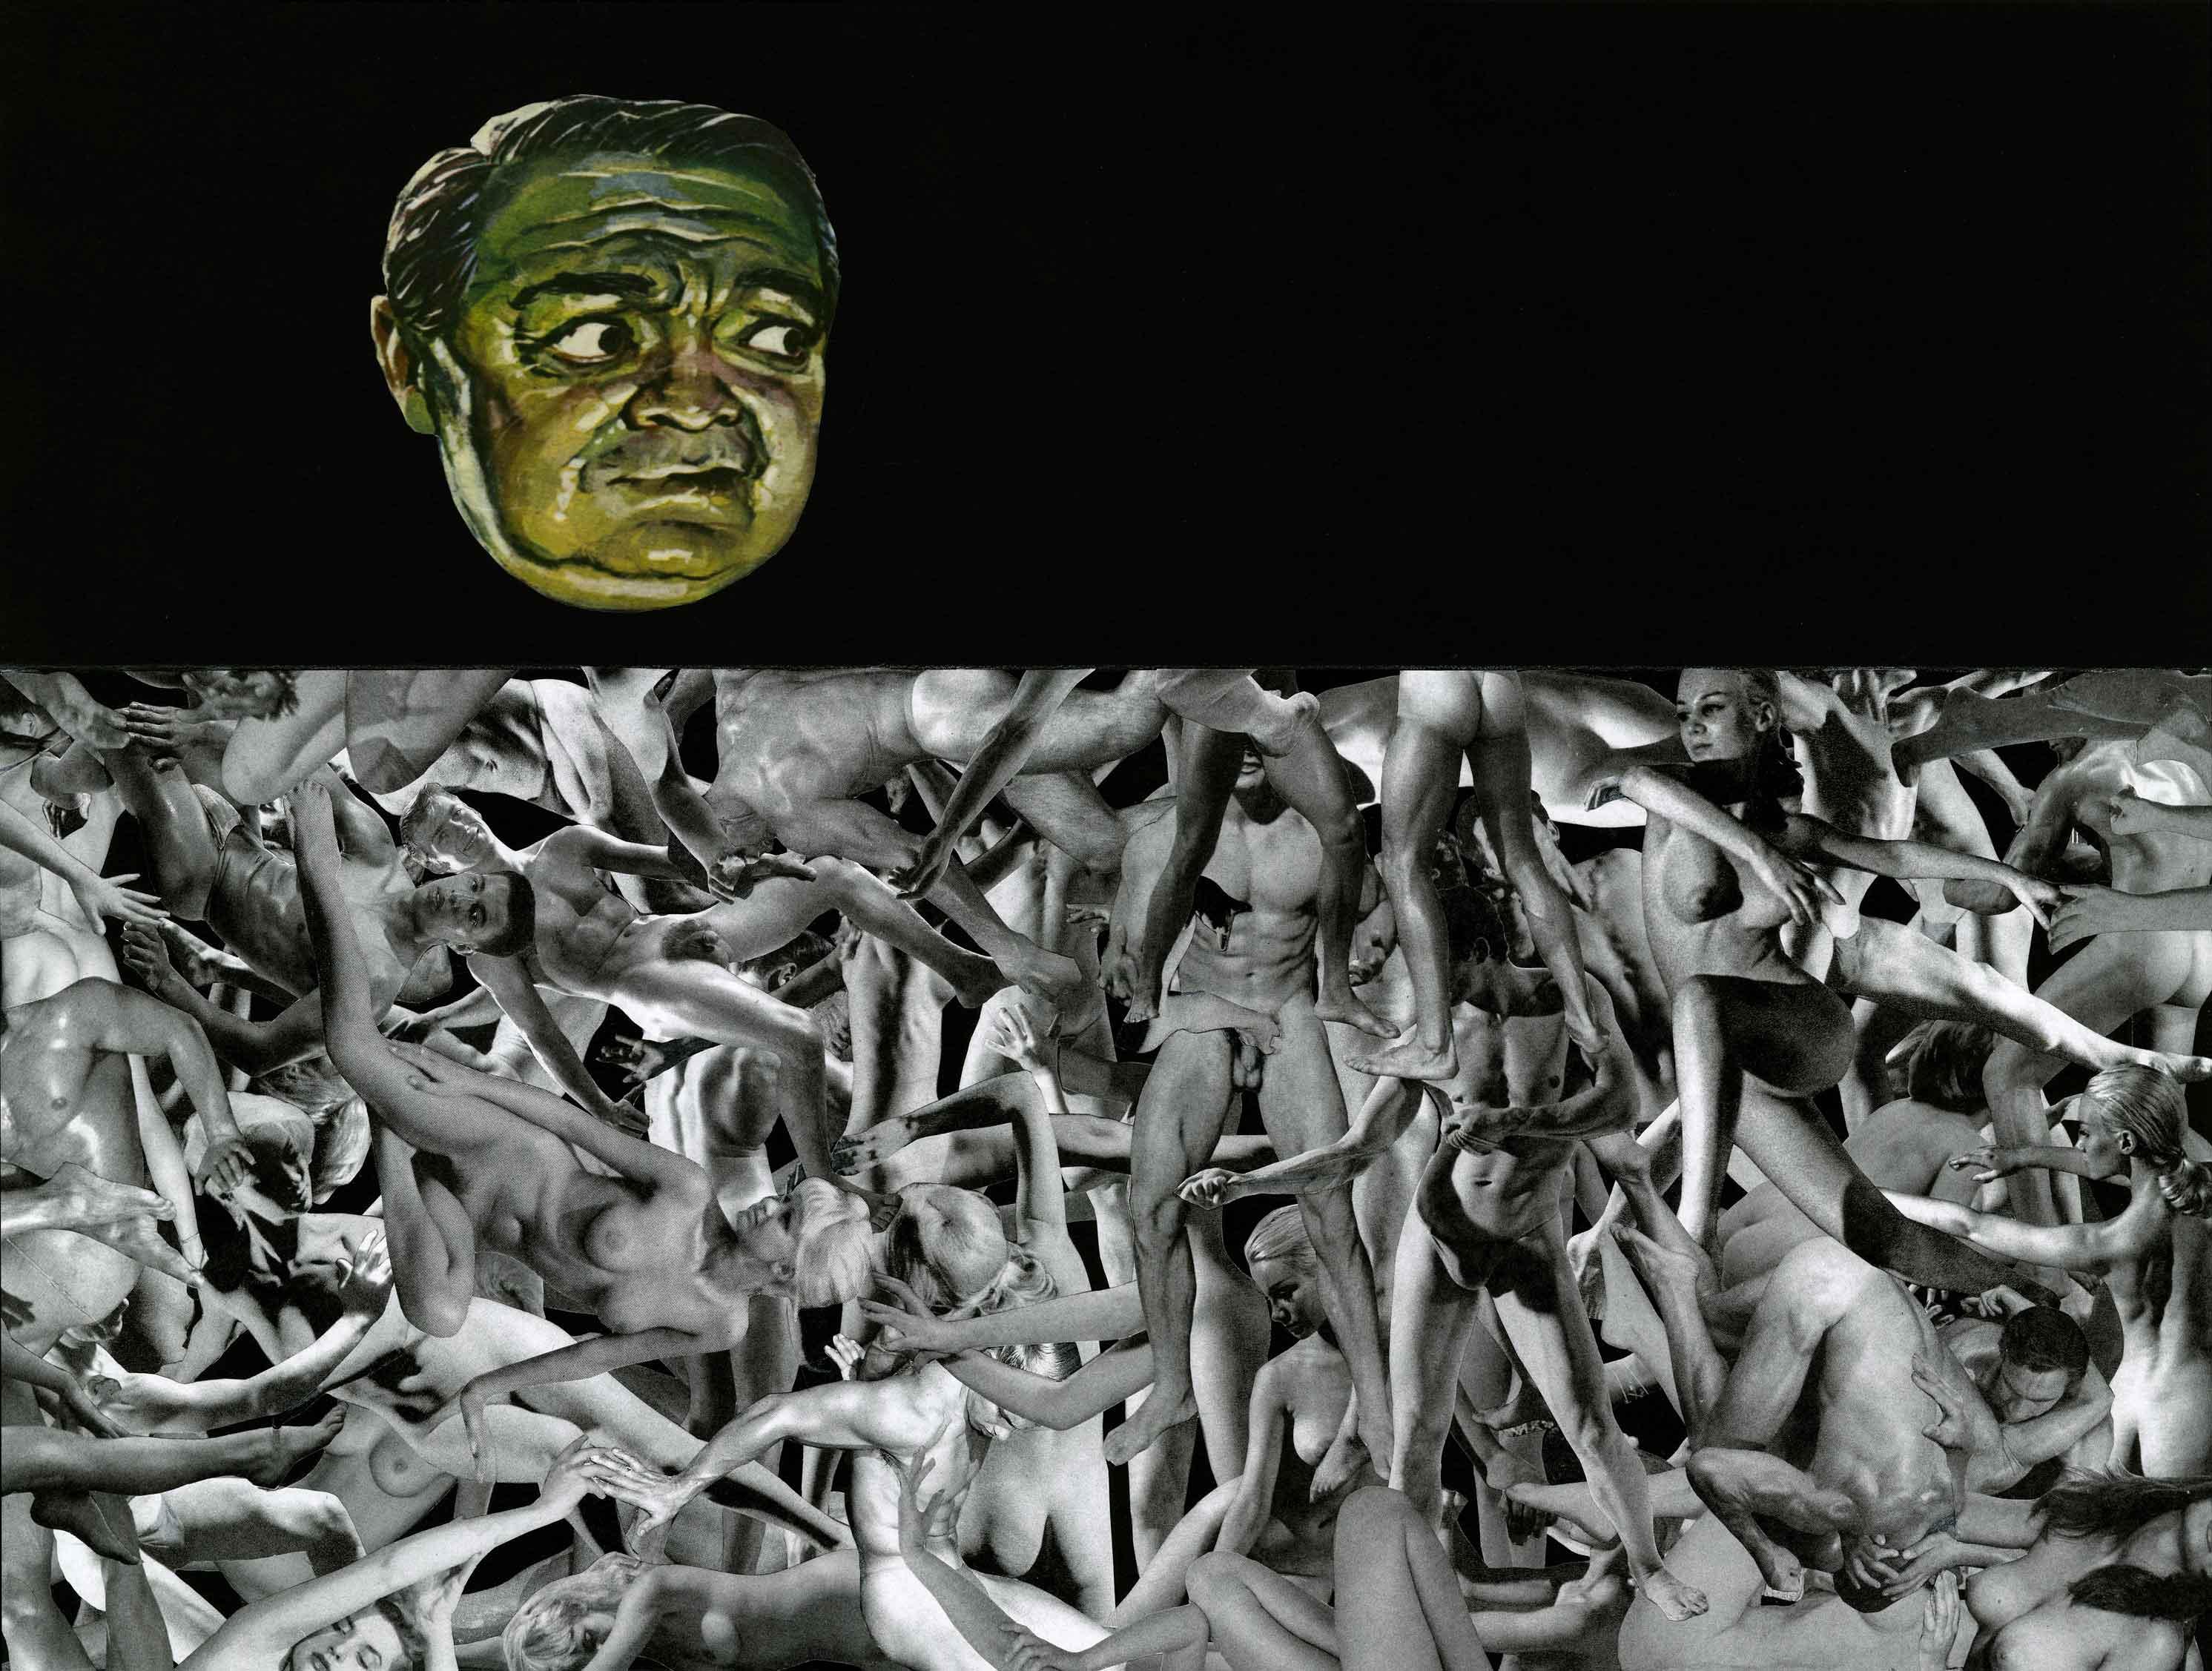 Face à ces images tout droit sorties d'un univers déraisonné, on erre dans l'imaginaire de Jim Shaw comme dans les dédales d'un wonderland. Son langage esthétique saisit autant l'absurde que le burlesque ; il crée des formes dégoulinantes, malléables et abstraites, des personnages hybrides et fantastiques parmi lesquels il représente parfois sa femme, l'artiste Marnie Weber, portraiturée en Monna Lisa. Quant à la nature de certaines scènes, le doute plane. Théâtres orgiaques ou foules en train d'étouffer ? Seul Jim Shaw détient la clé de ses propres rêves.   Exposition Rather Fear God de Jim Shaw à la galerie Praz-Delavallade,  5, rue des Haudriettes, Paris IIIe, jusqu'au 21 mai.